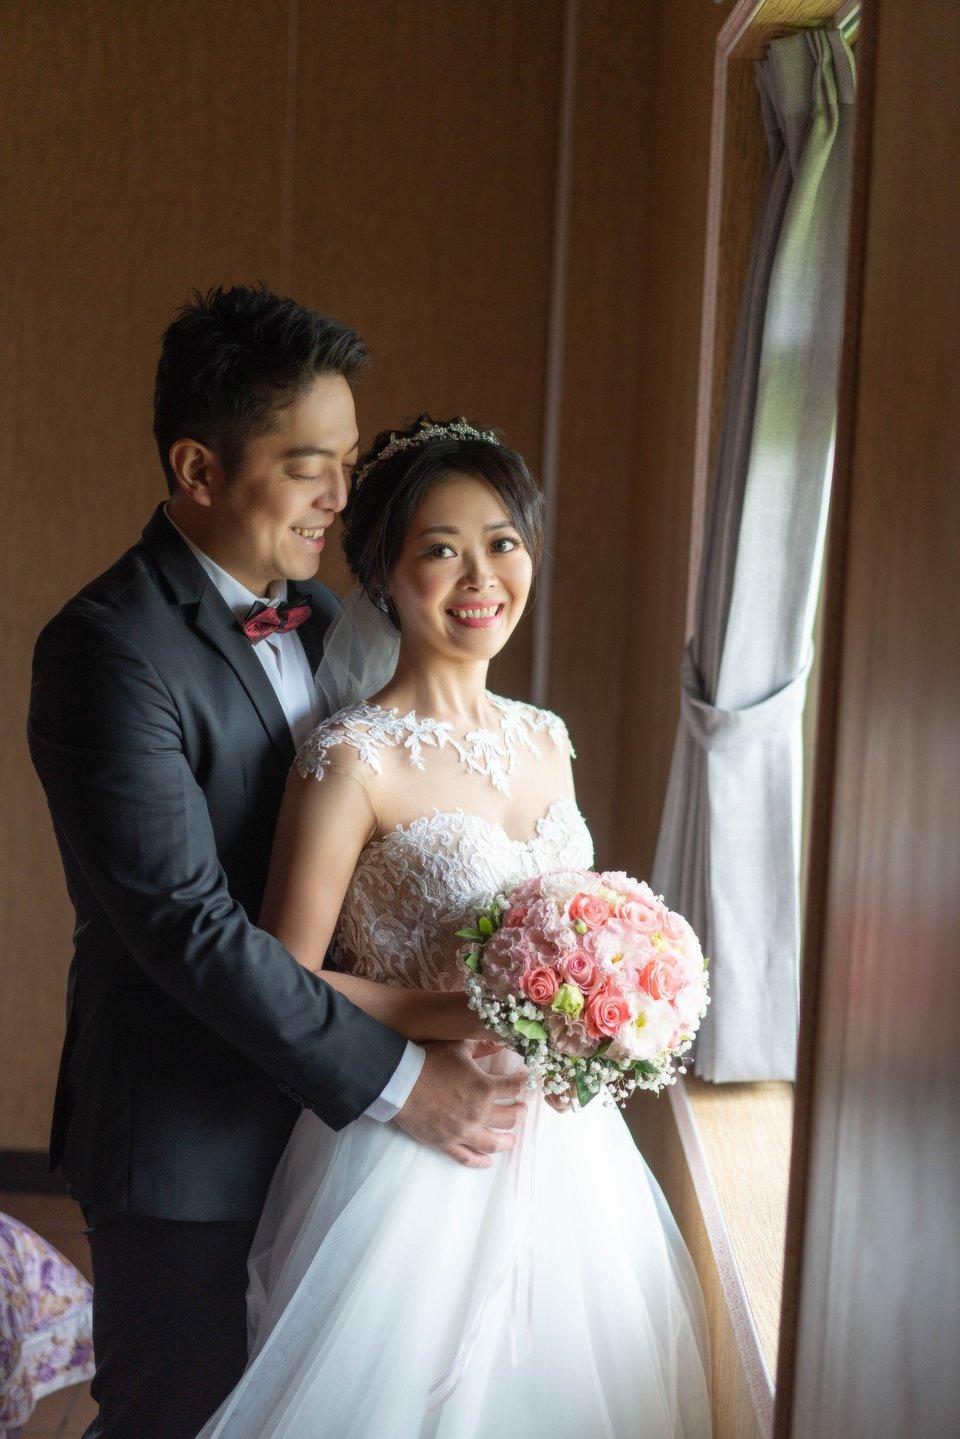 婚攝罐頭 影像團隊(網路熱推 全台服務),2020/01/12畢業的新娘 誠心推薦婚攝-罐頭